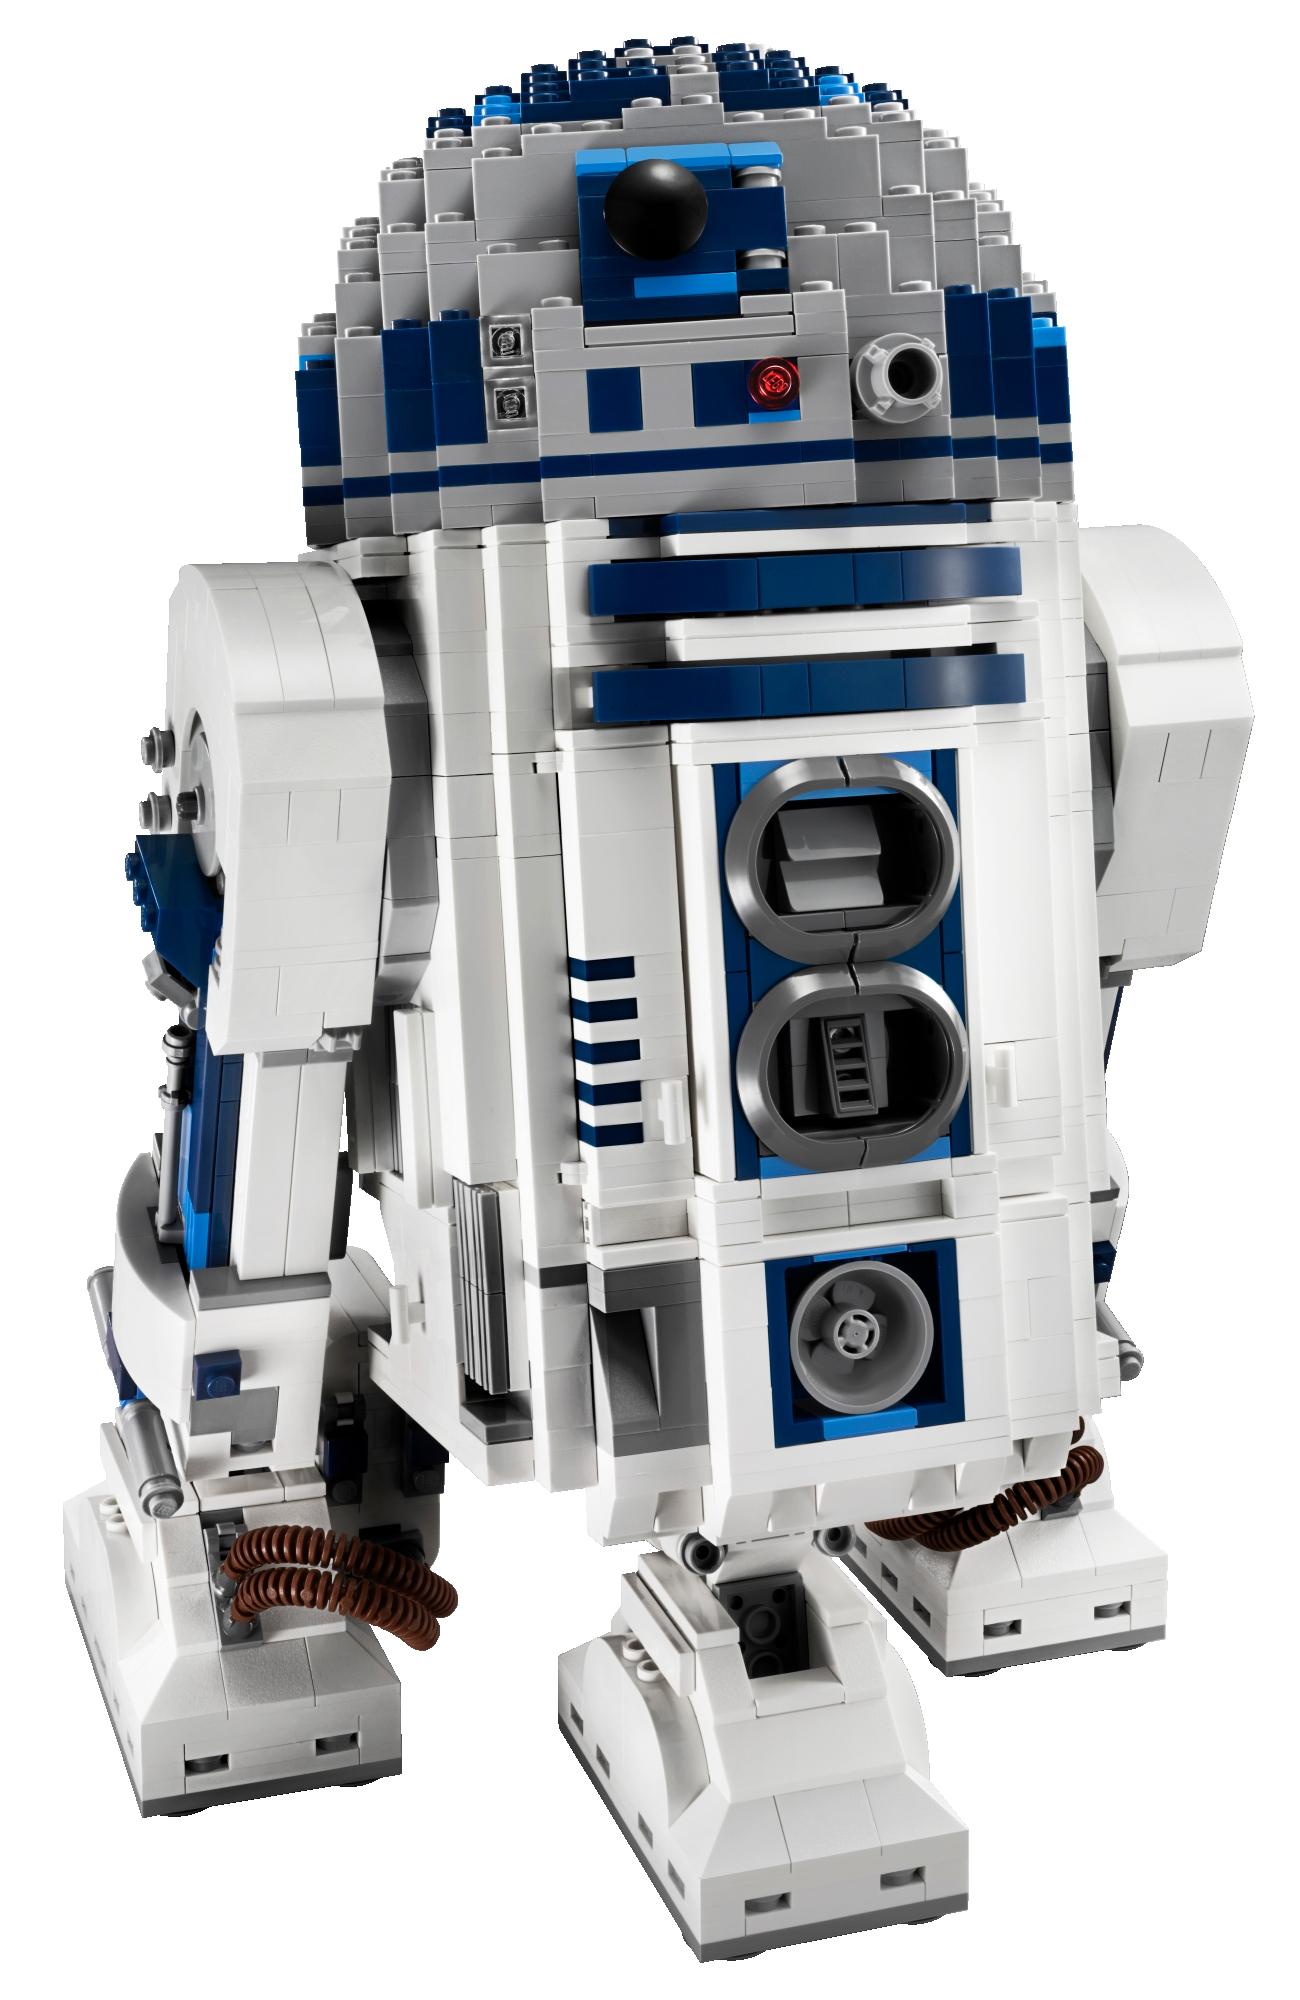 Lego 10225 star wars r2 d2 brand new sealed box 2127 pieces ebay - Lego starwars r2d2 ...